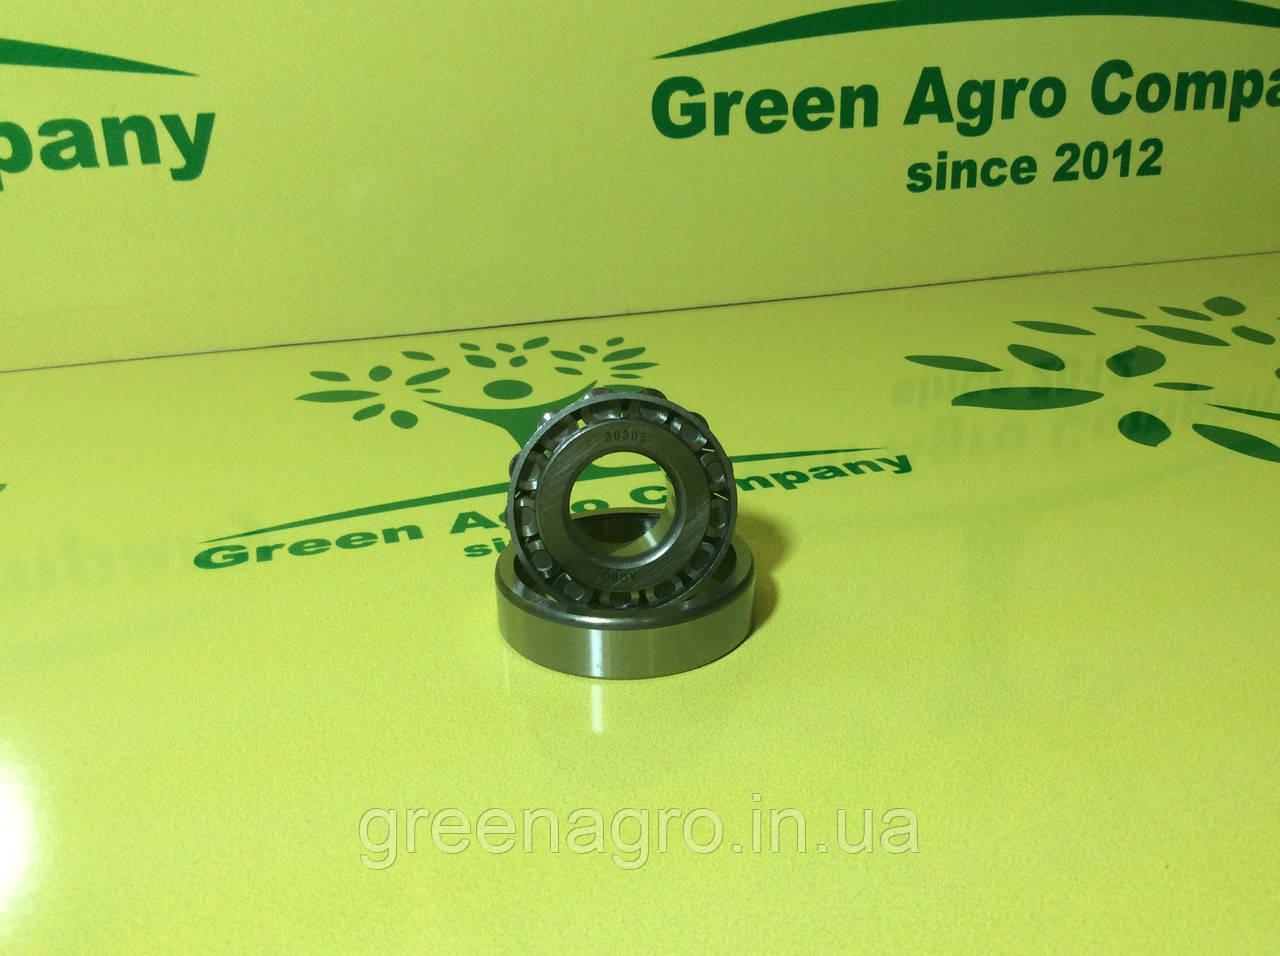 Підшипник 7305 роторної косарки в маточину малого шківа z-169, z-173, z-069, z-001